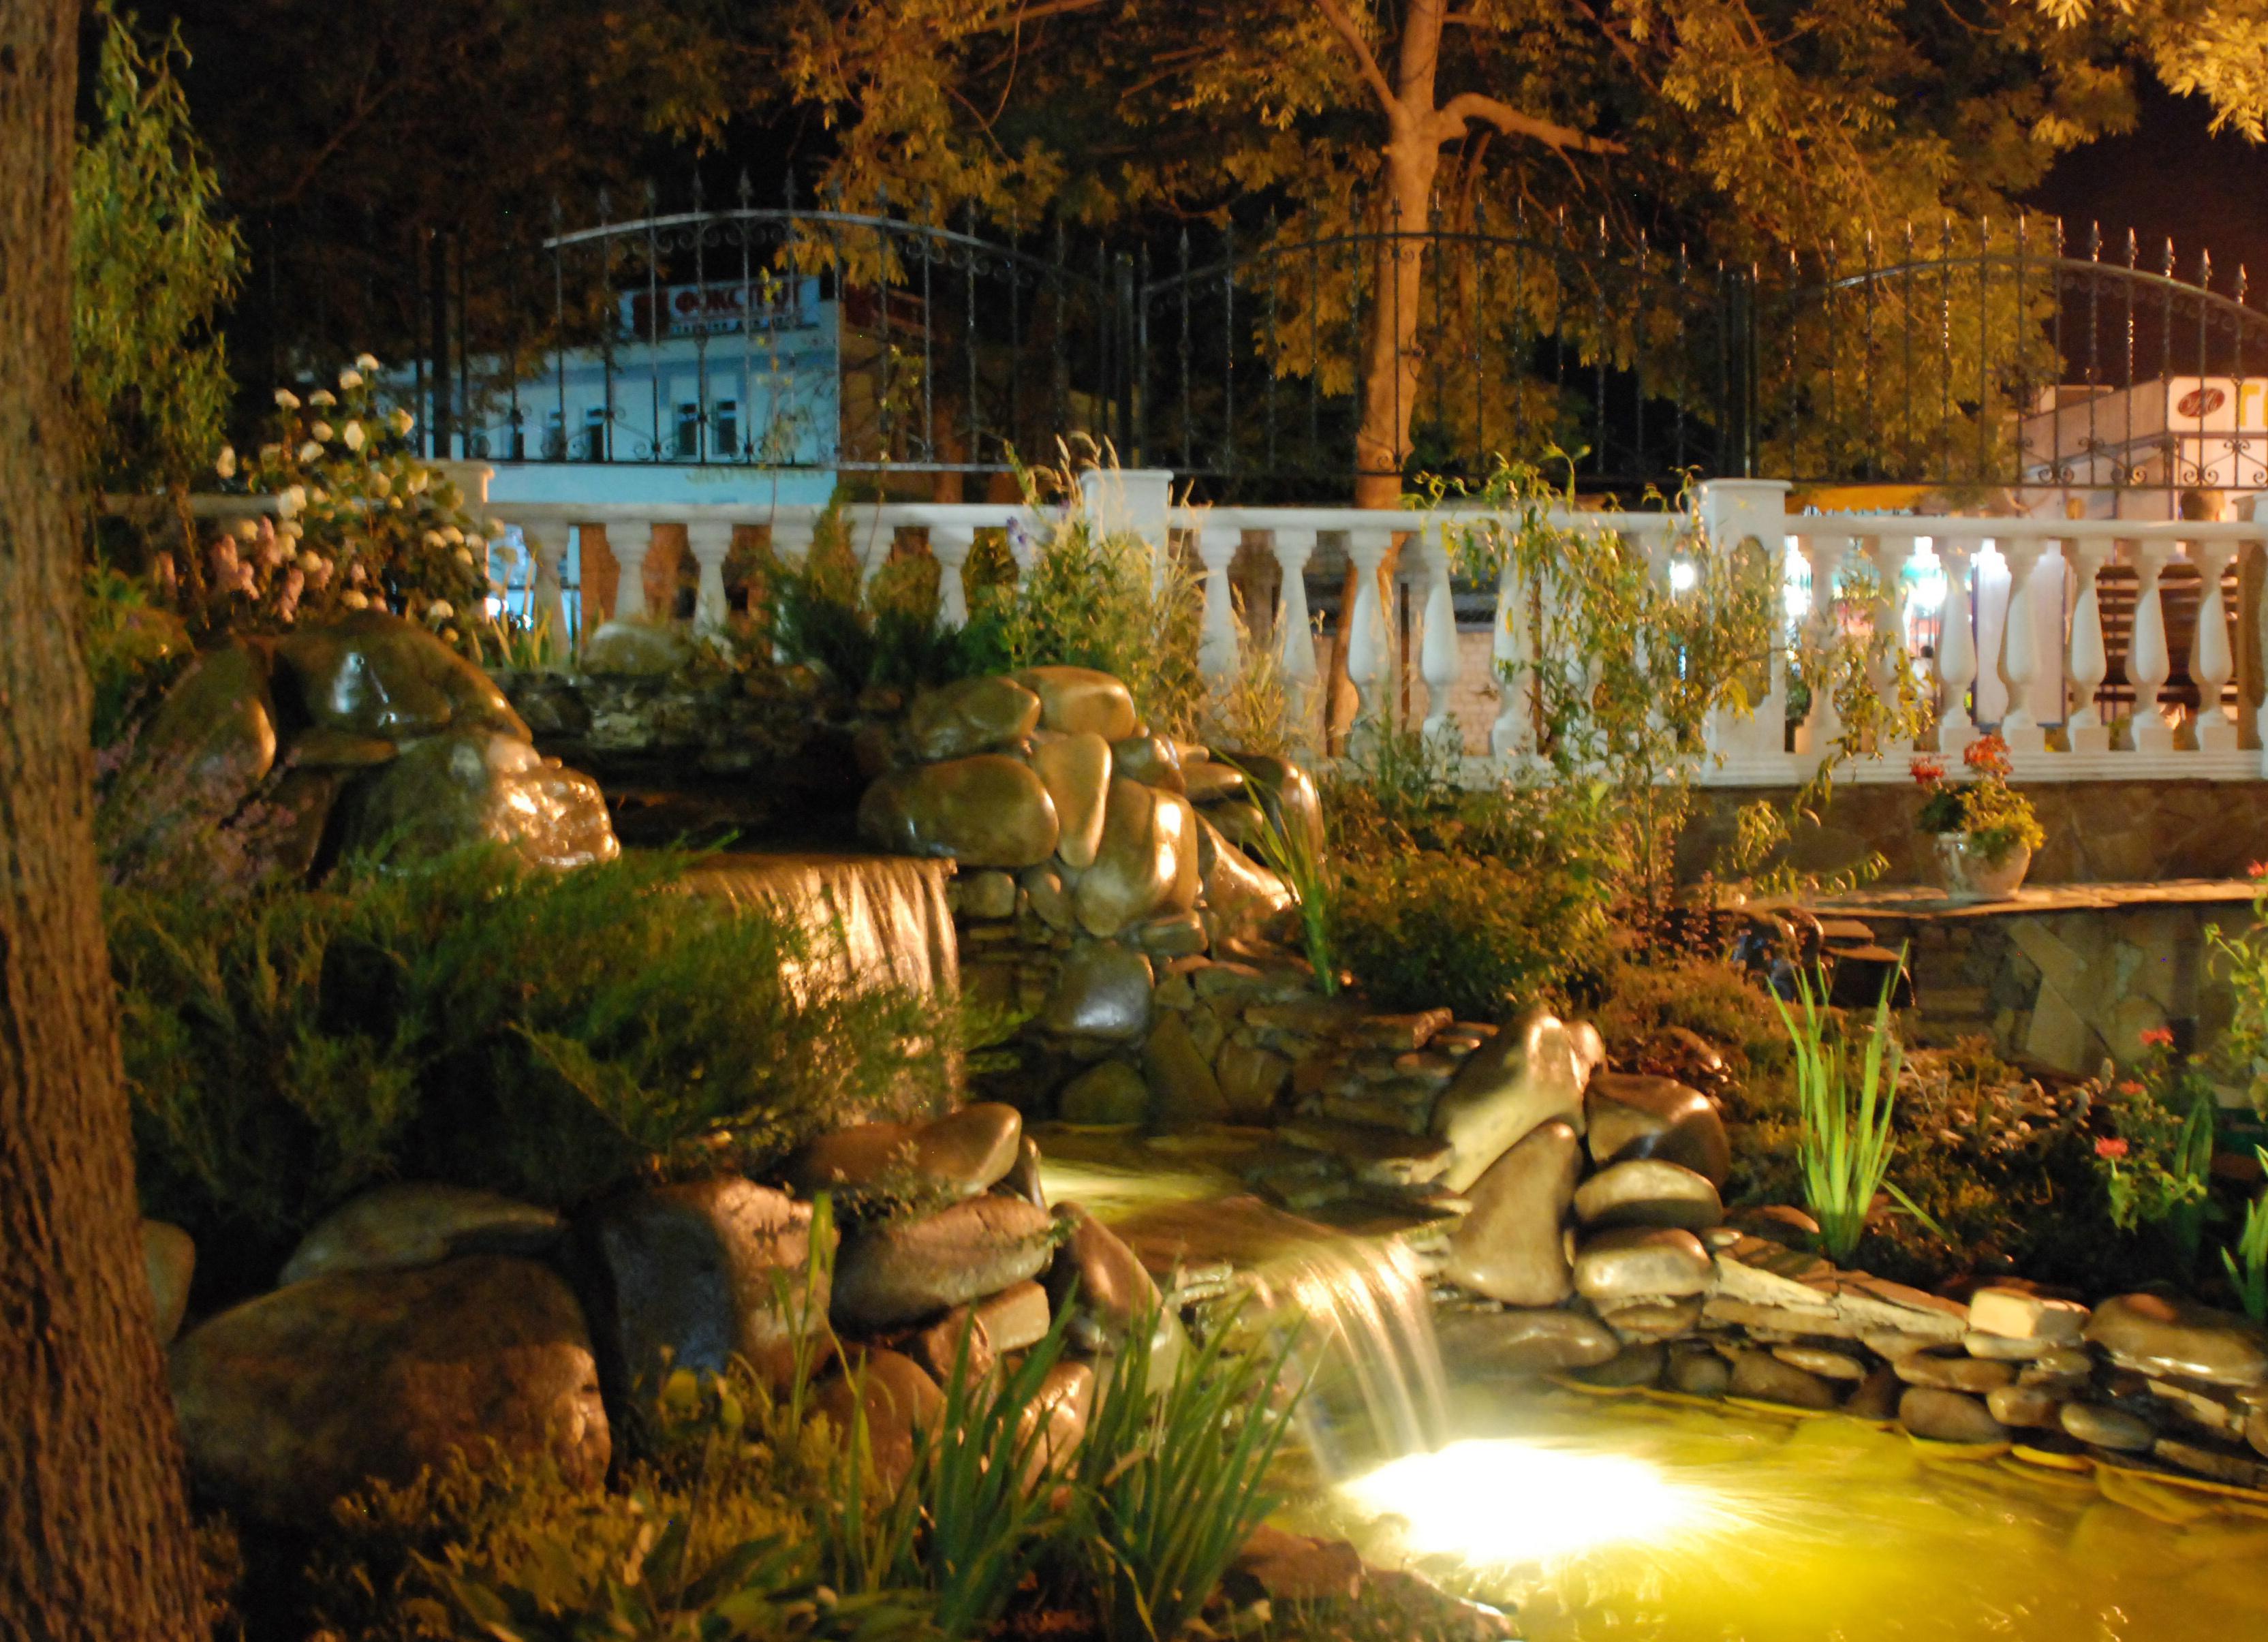 садовое освещение светильник в водопаде